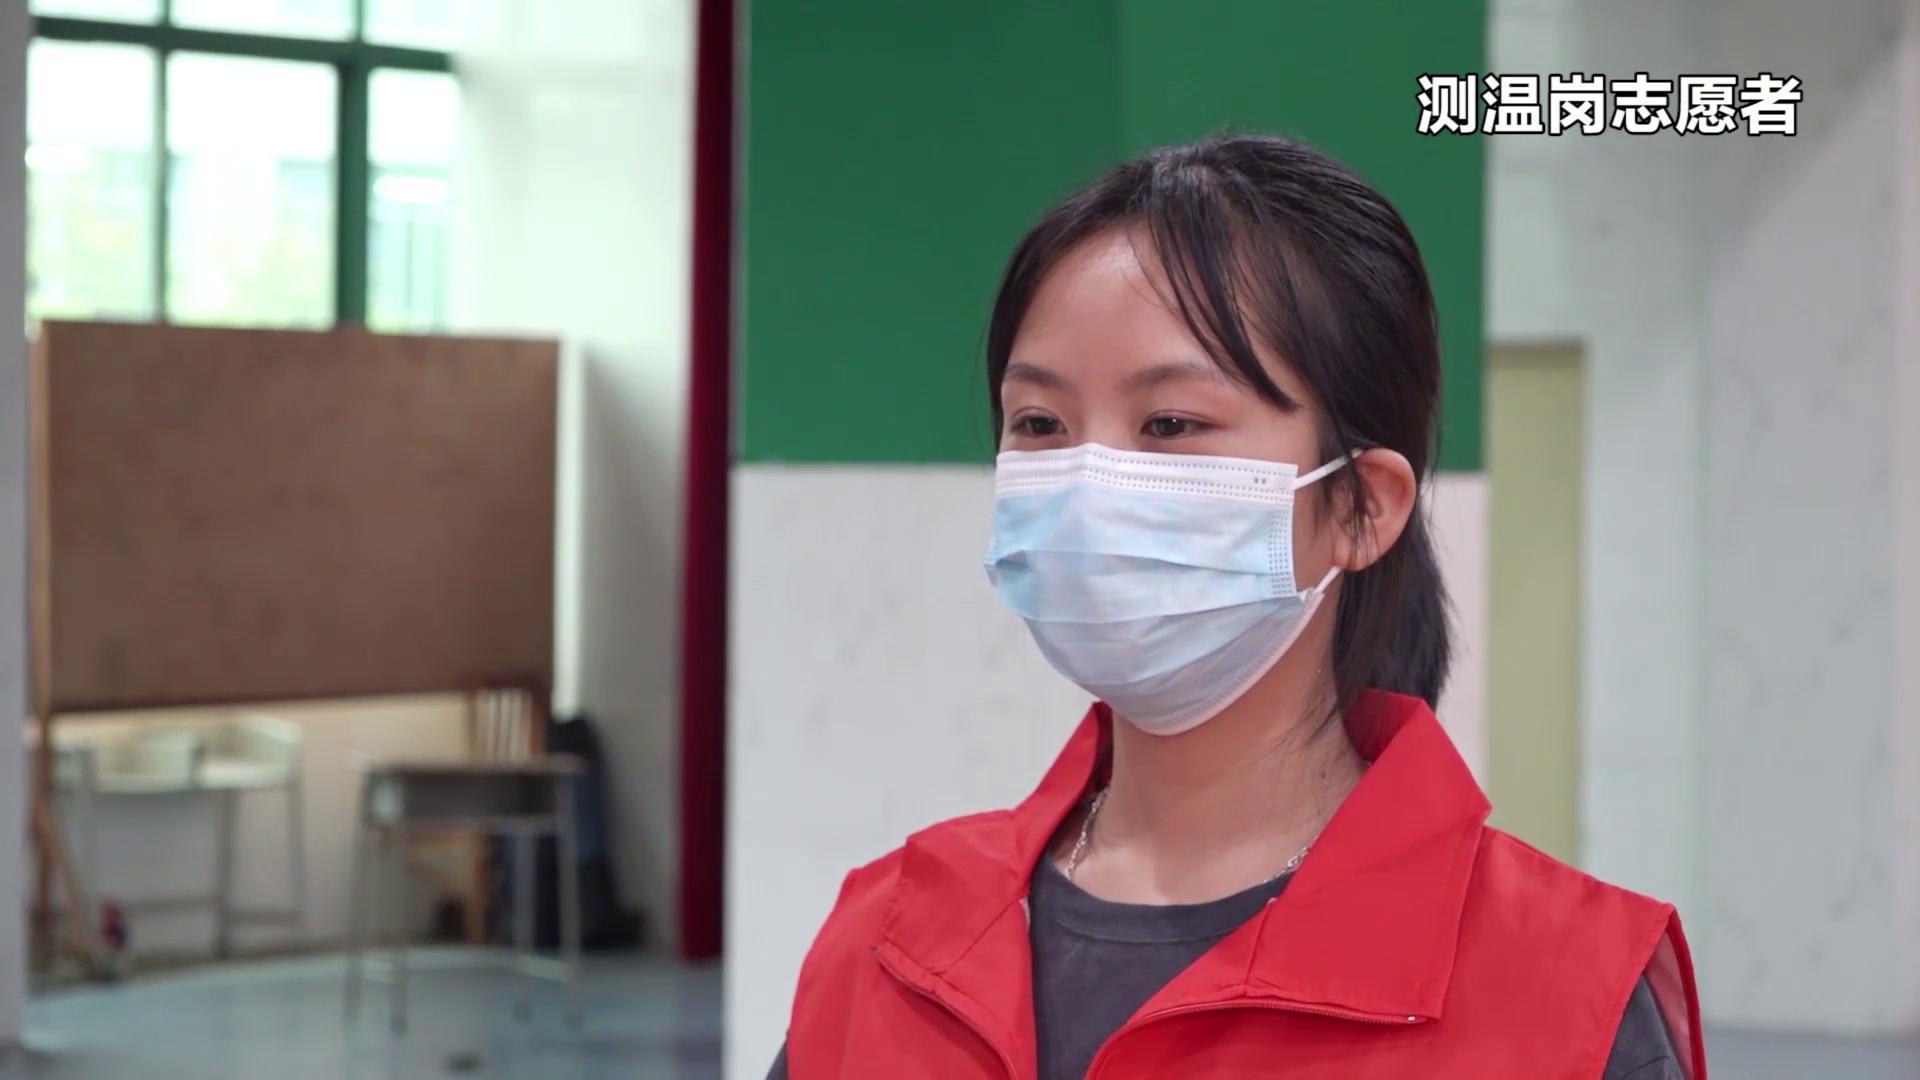 大规模核酸检测:3个岗位志愿者工作规范+防护设备穿戴方法